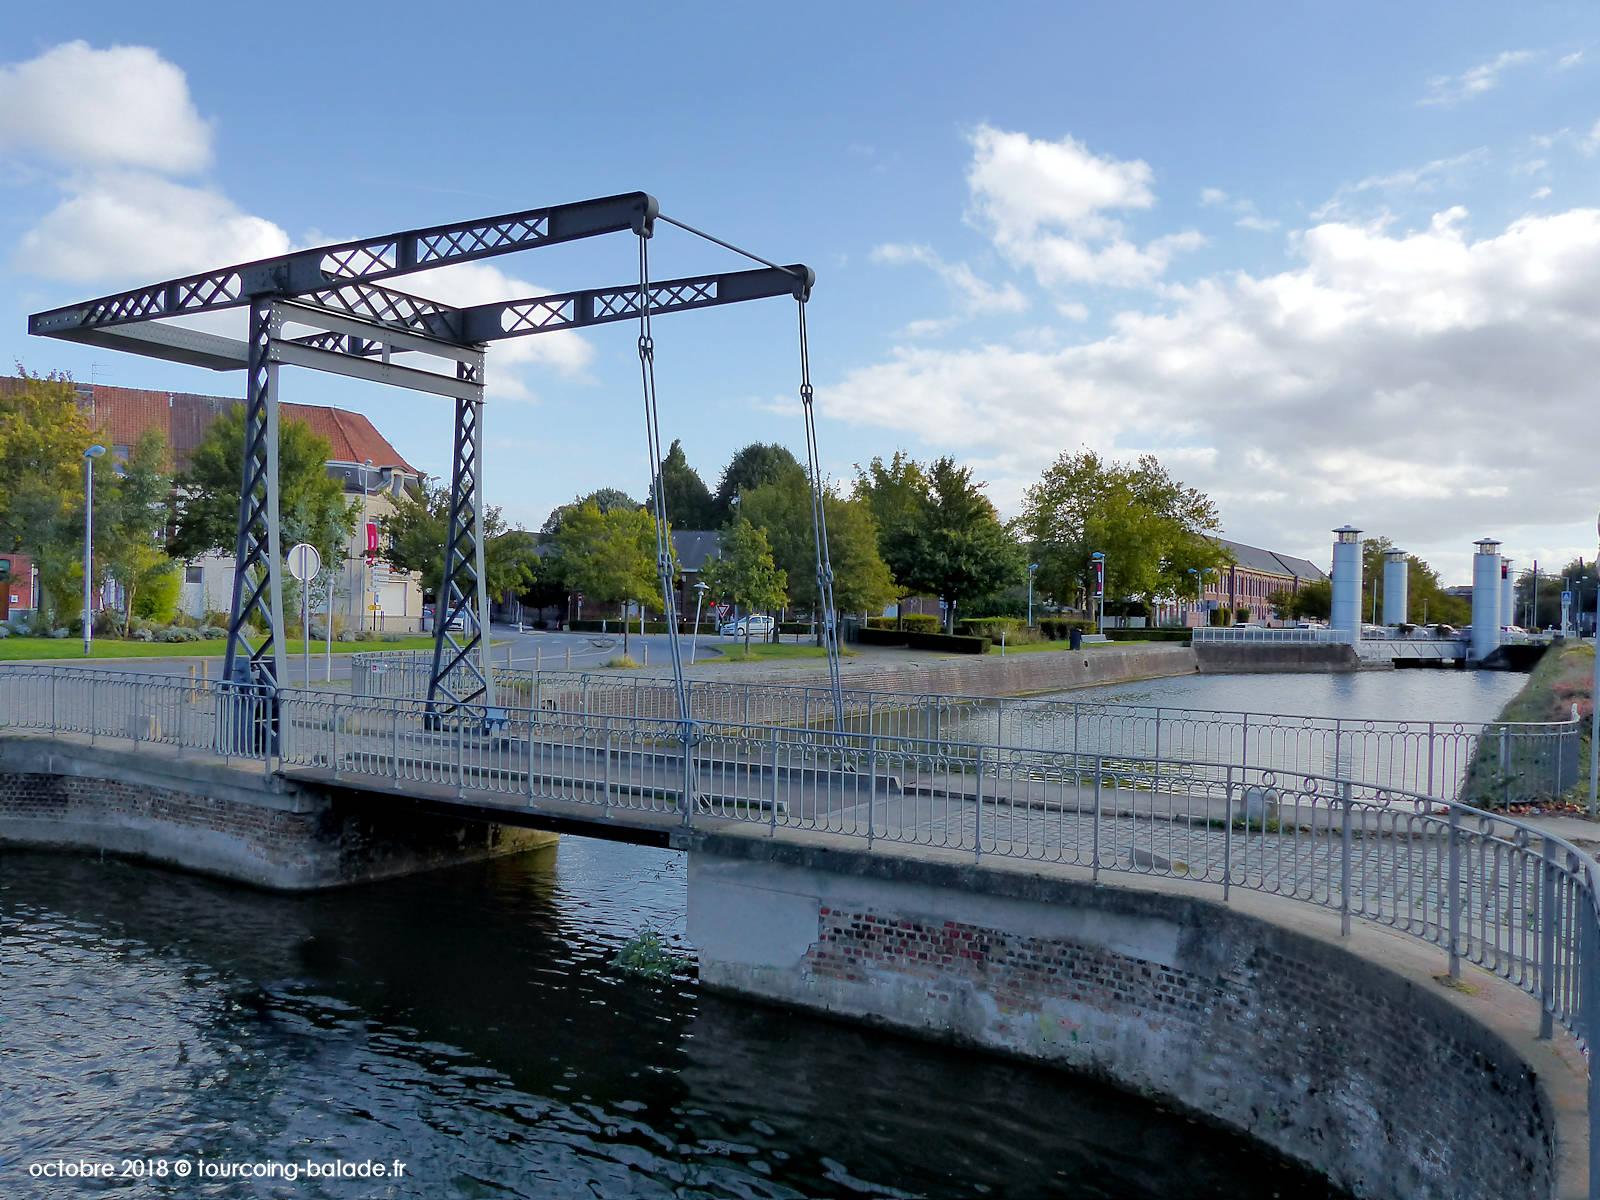 Pont de l'Espierre et Hydraulique, Tourcoing 2018